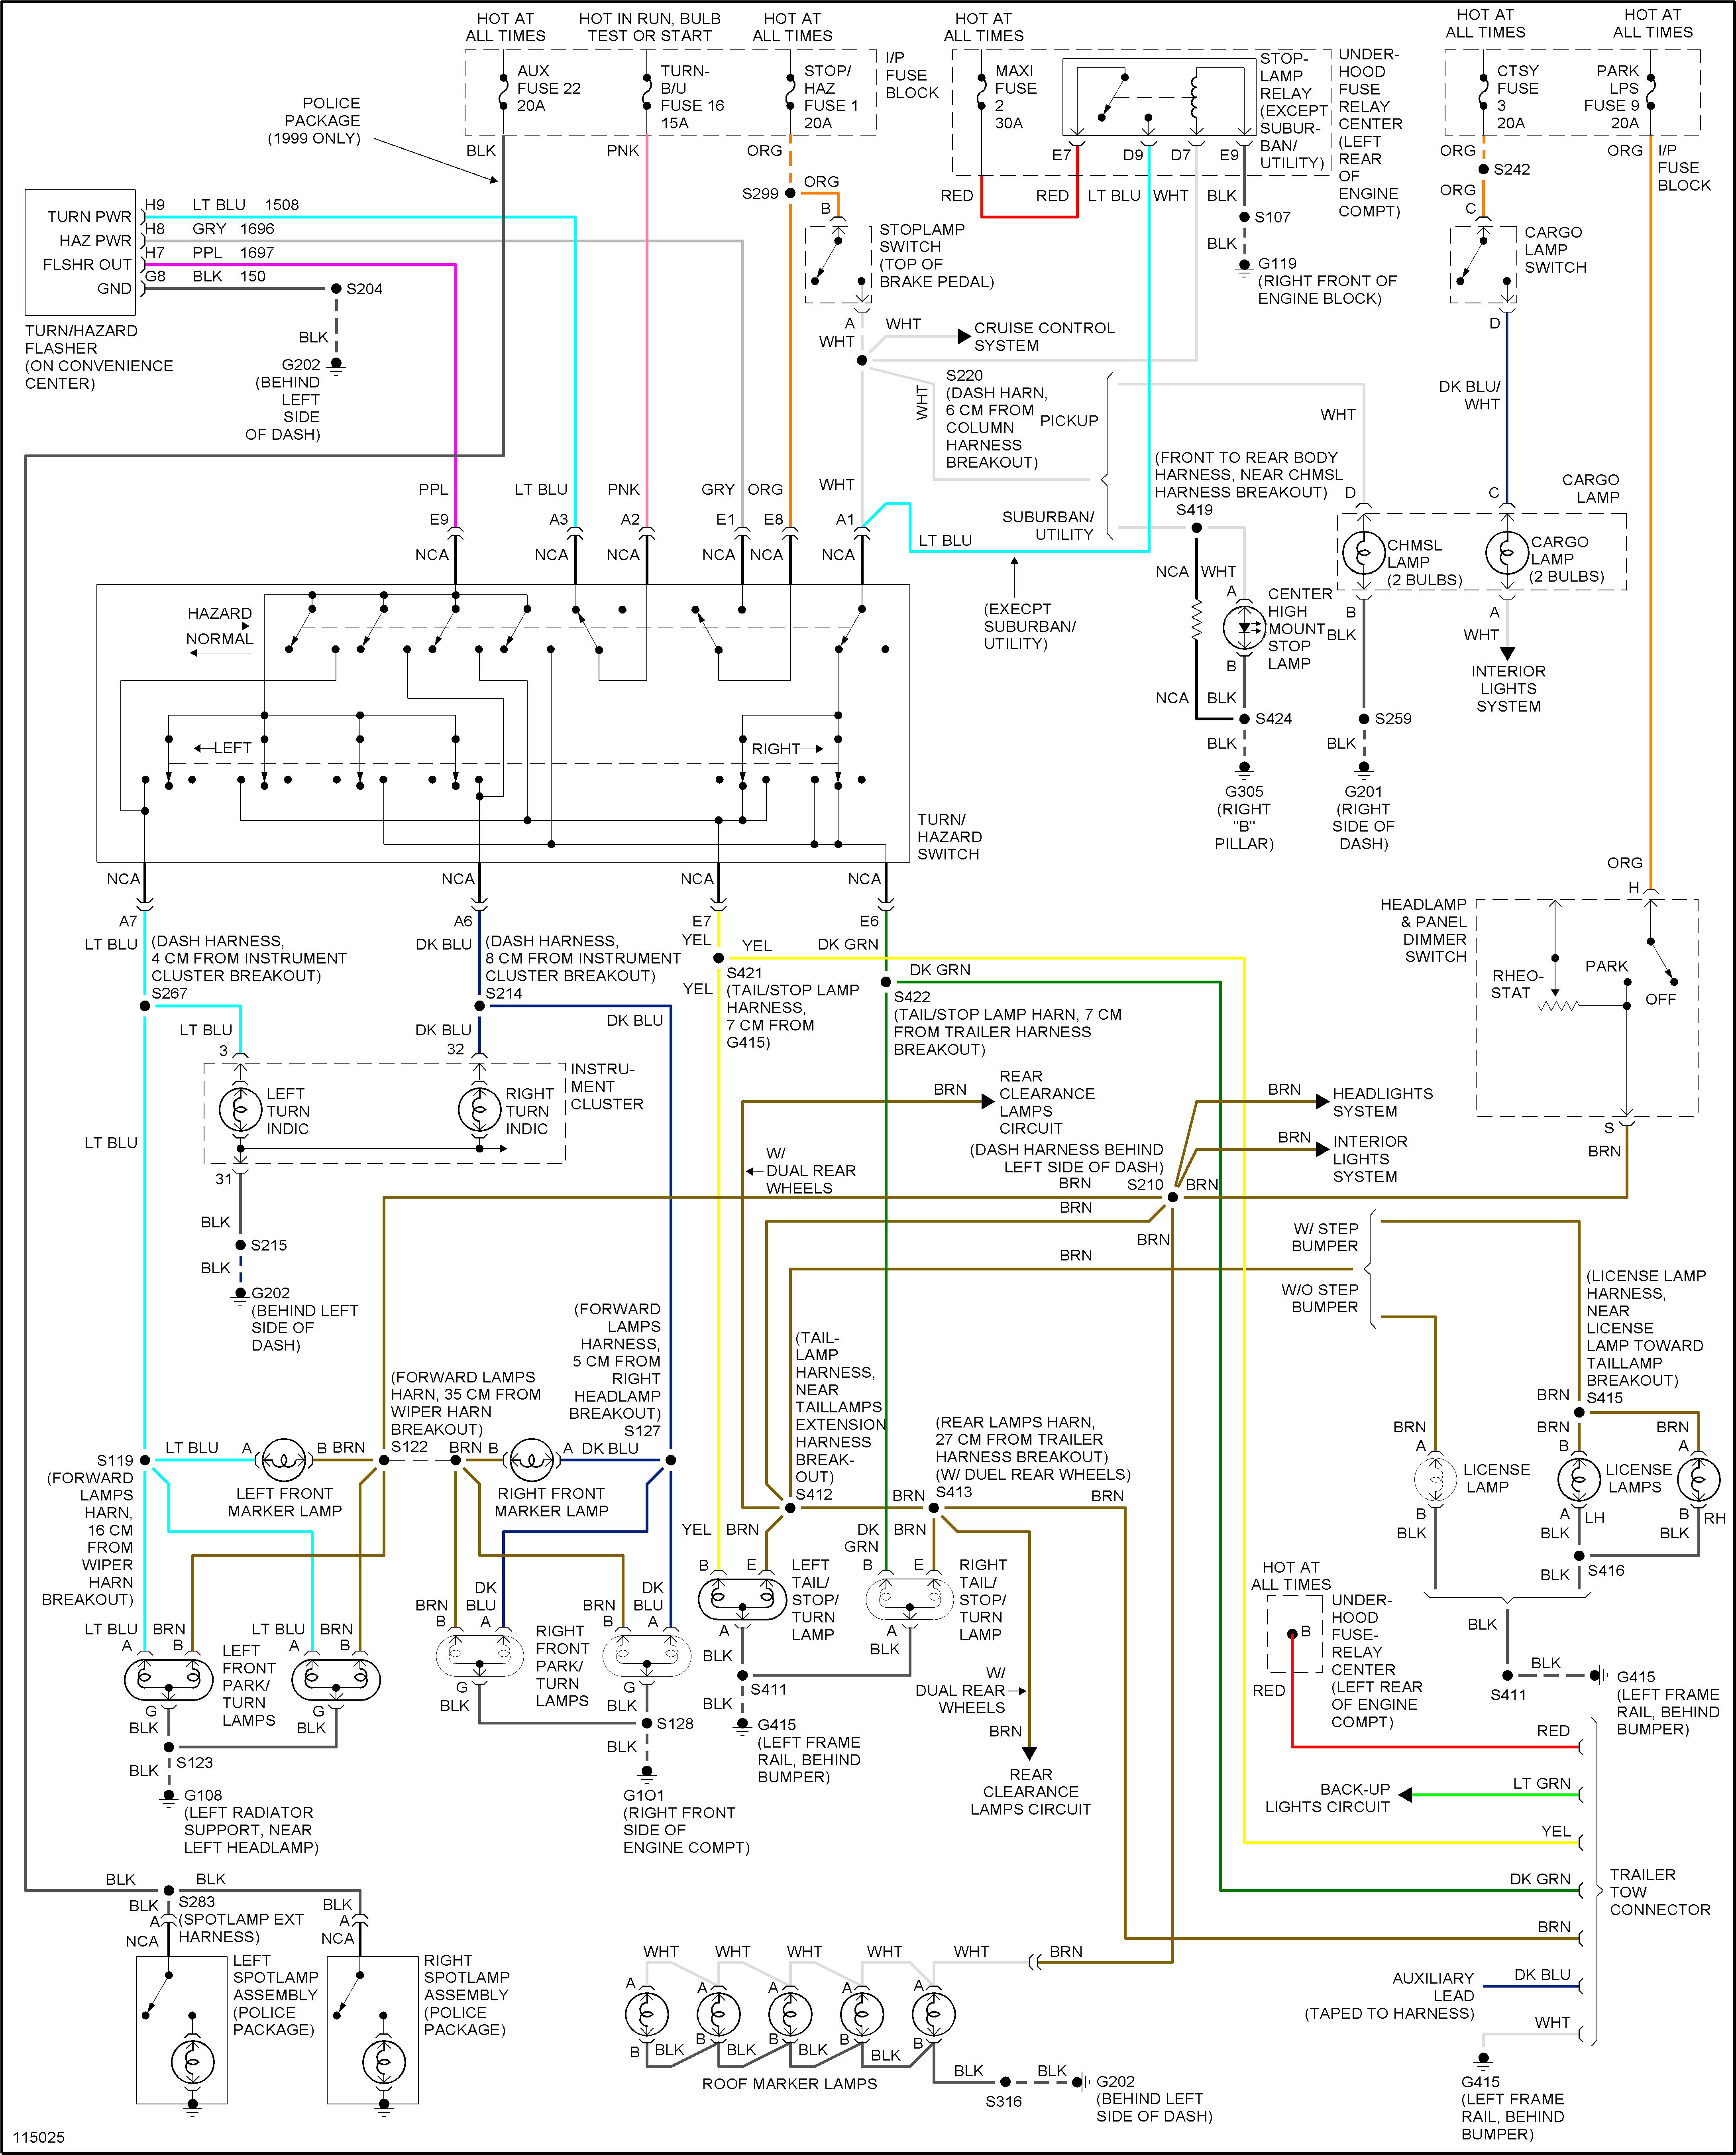 cd665b0a-d720-4274-b607-386eedd372b3_wiring diagram.png